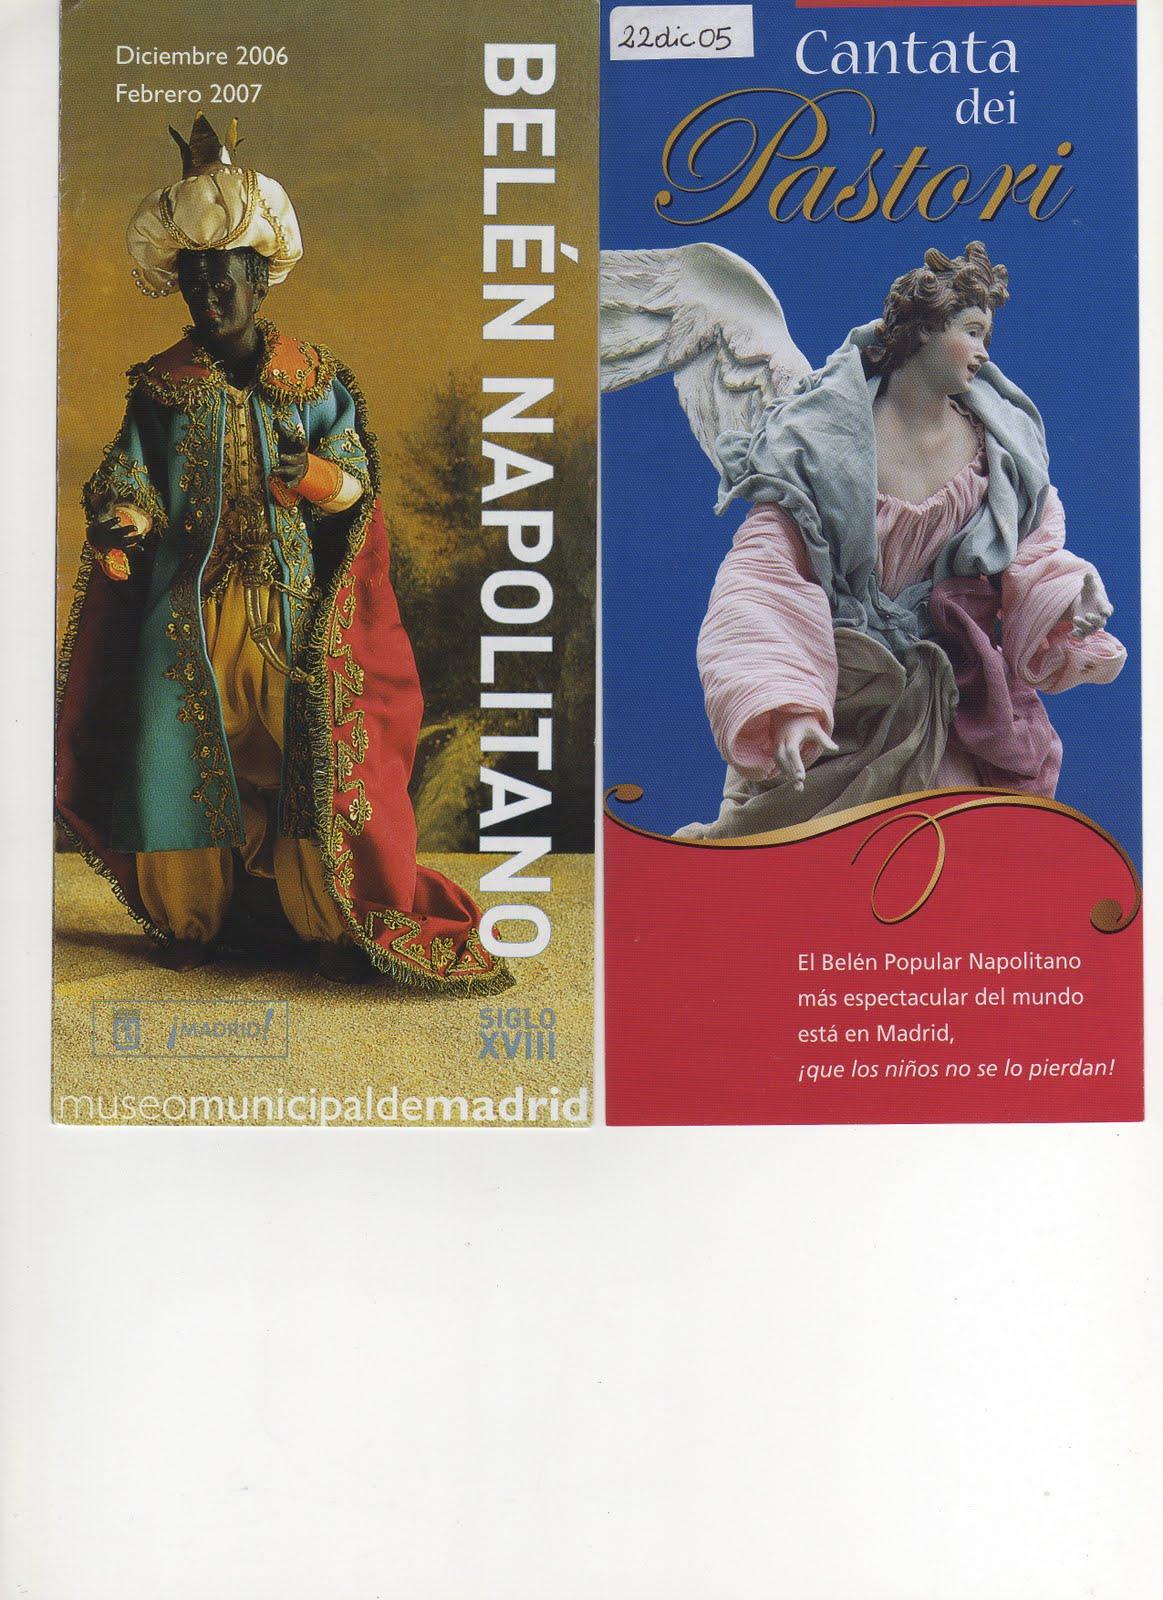 Educa enclave de arte el ni o jes s en palacio for Instituto italiano de cultura madrid